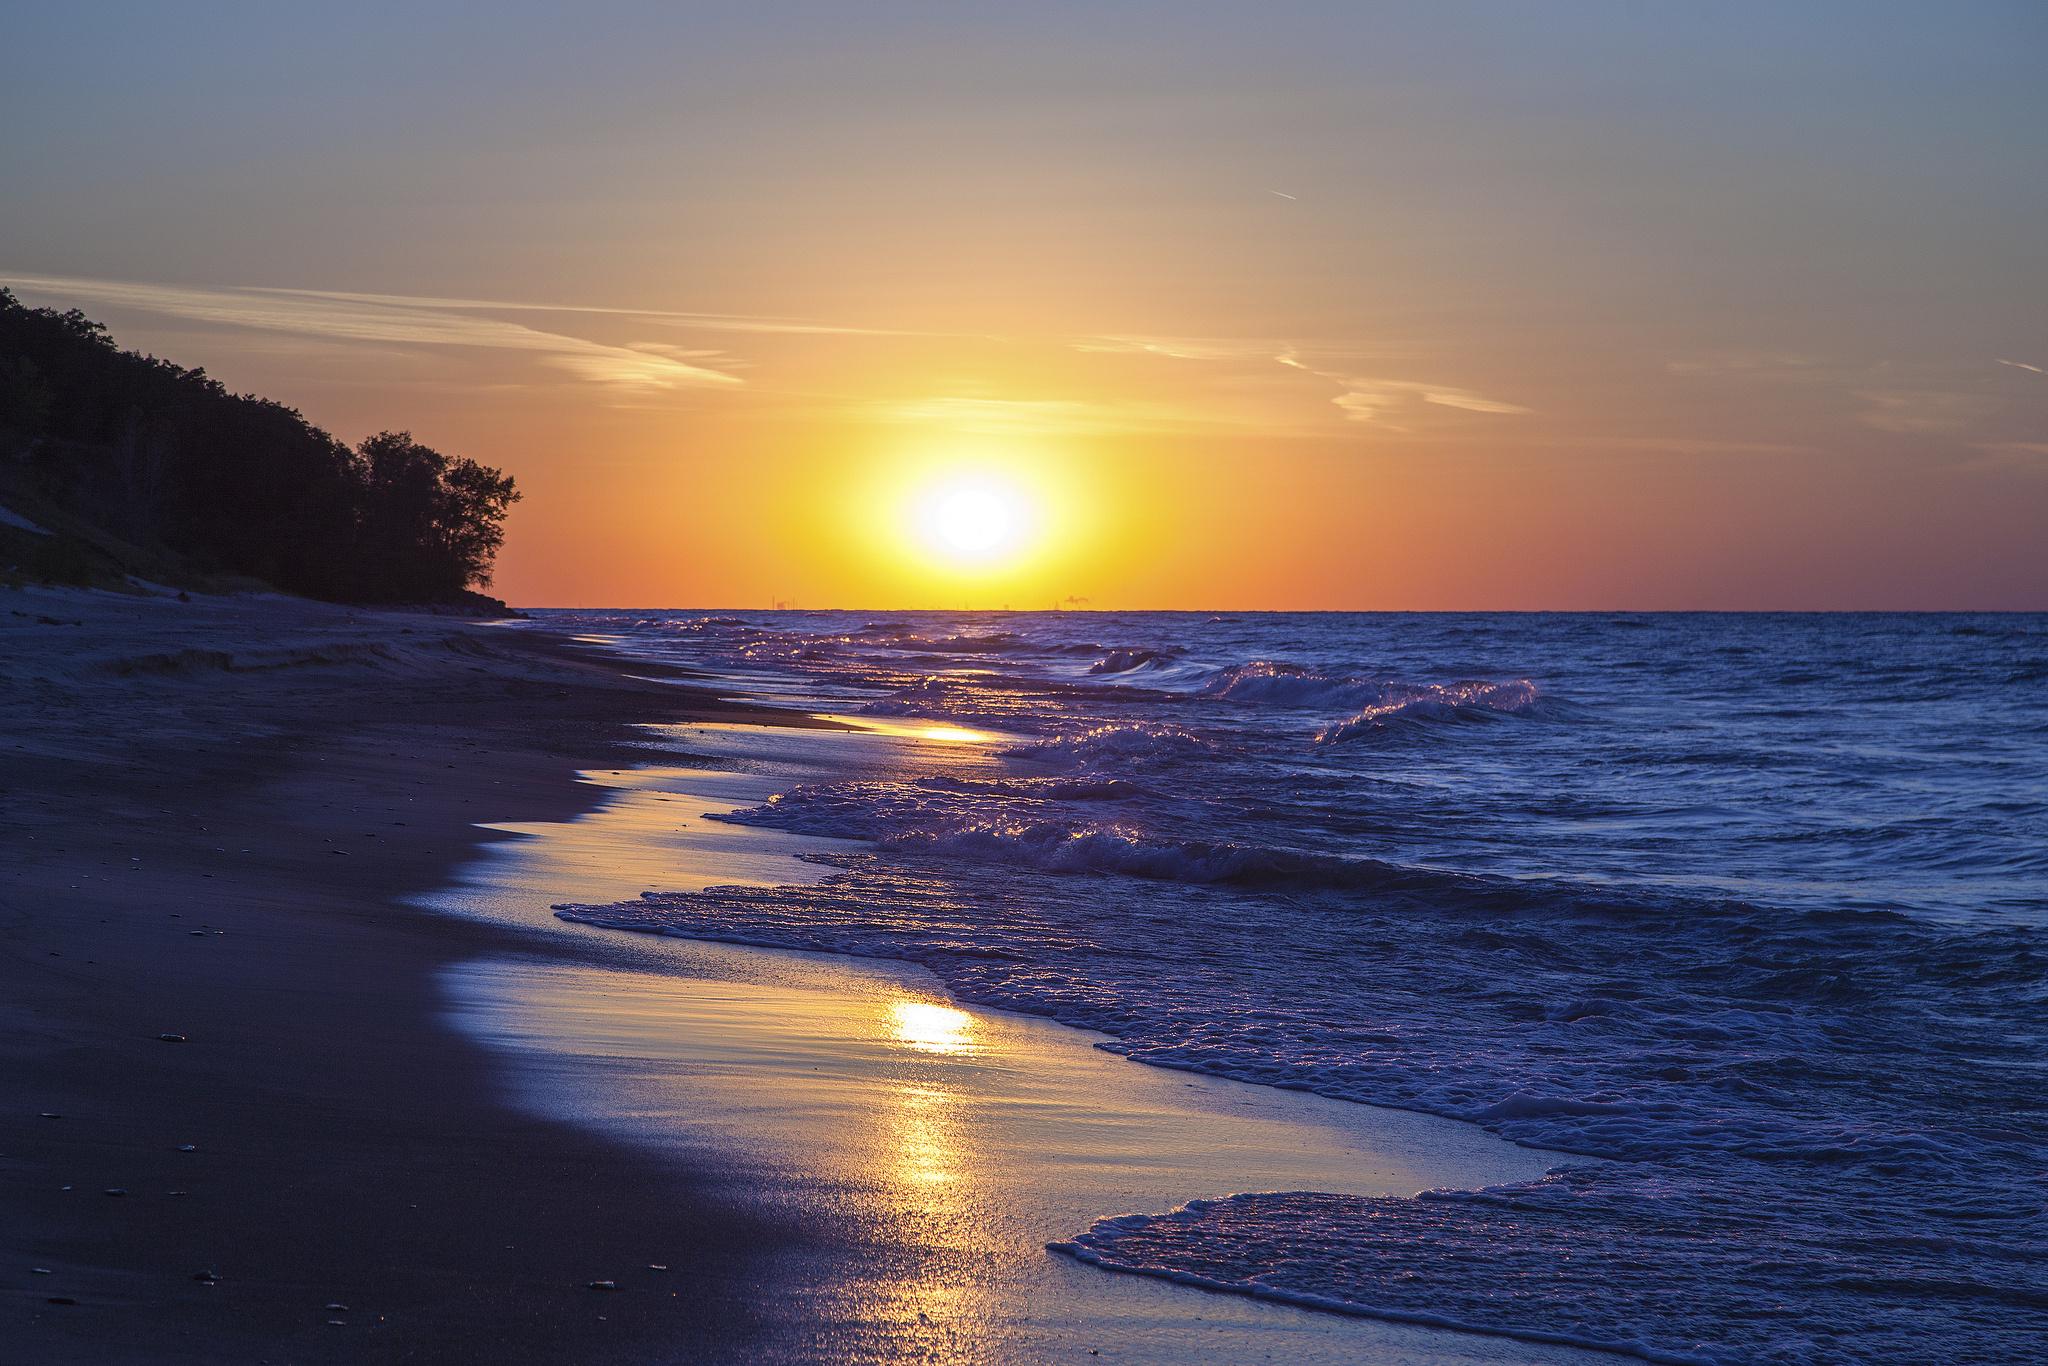 Lake Michigan Indiana sunset coast sun beach lake wallpaper background 2048x1366